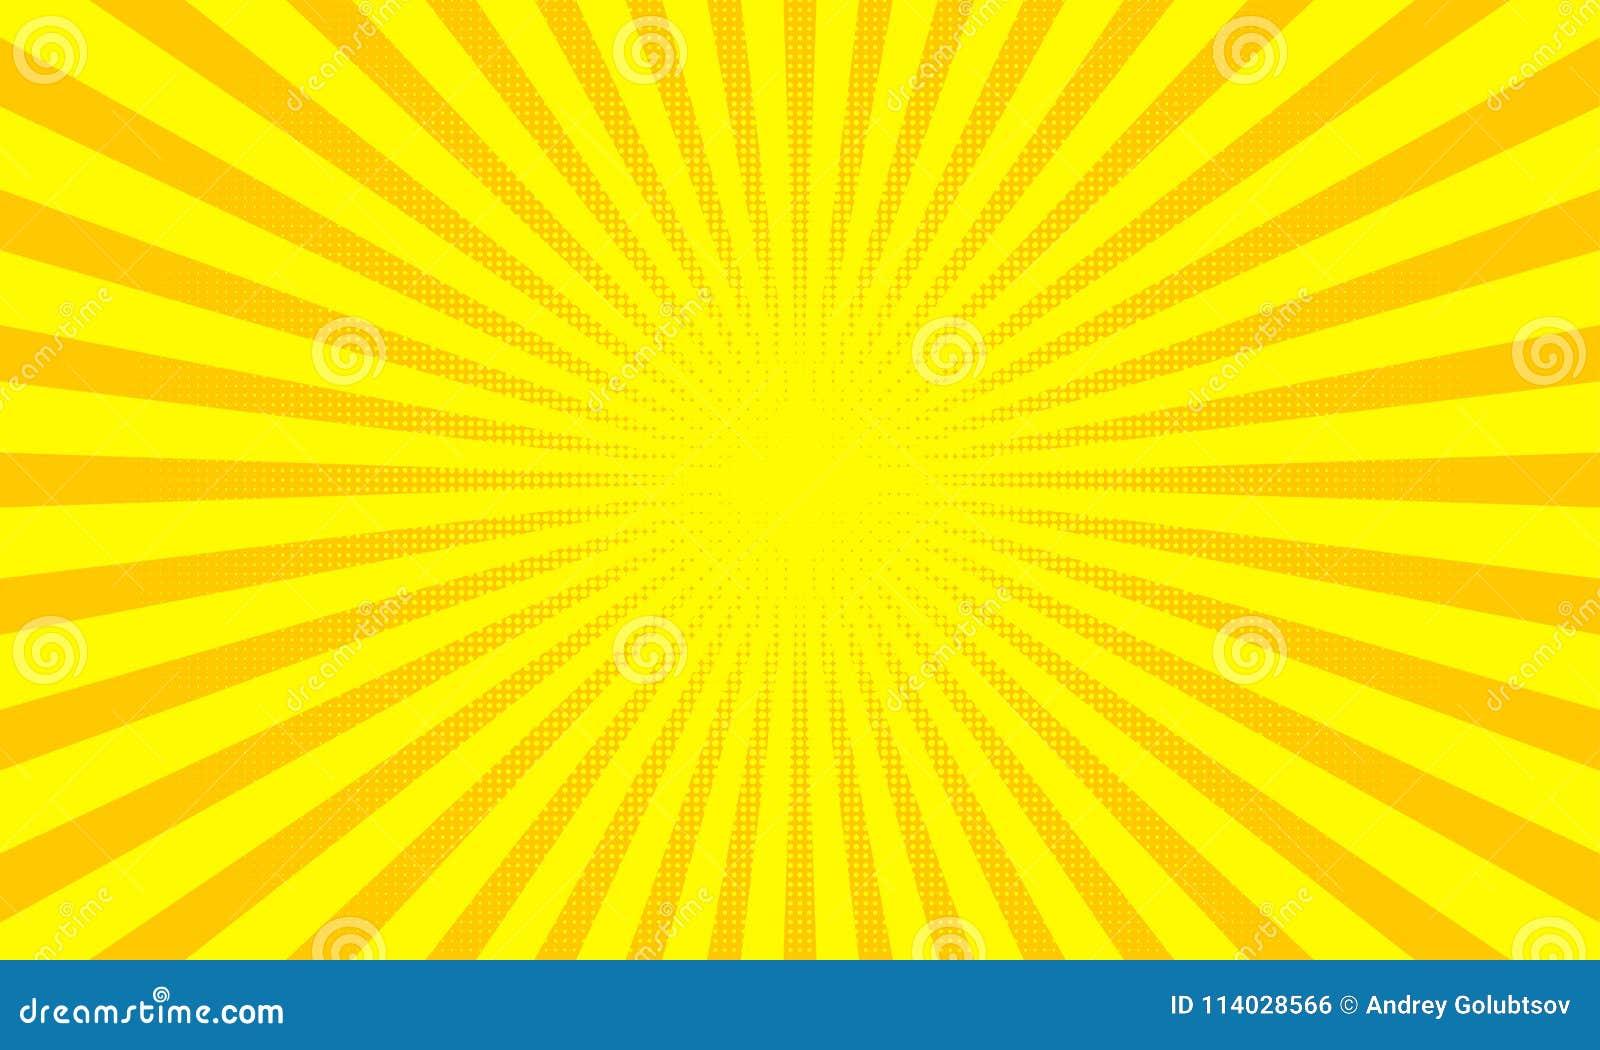 Gula solstrålar eller solstrålbakgrund med design för prickpopkonst abstrakt bakgrundsvektor